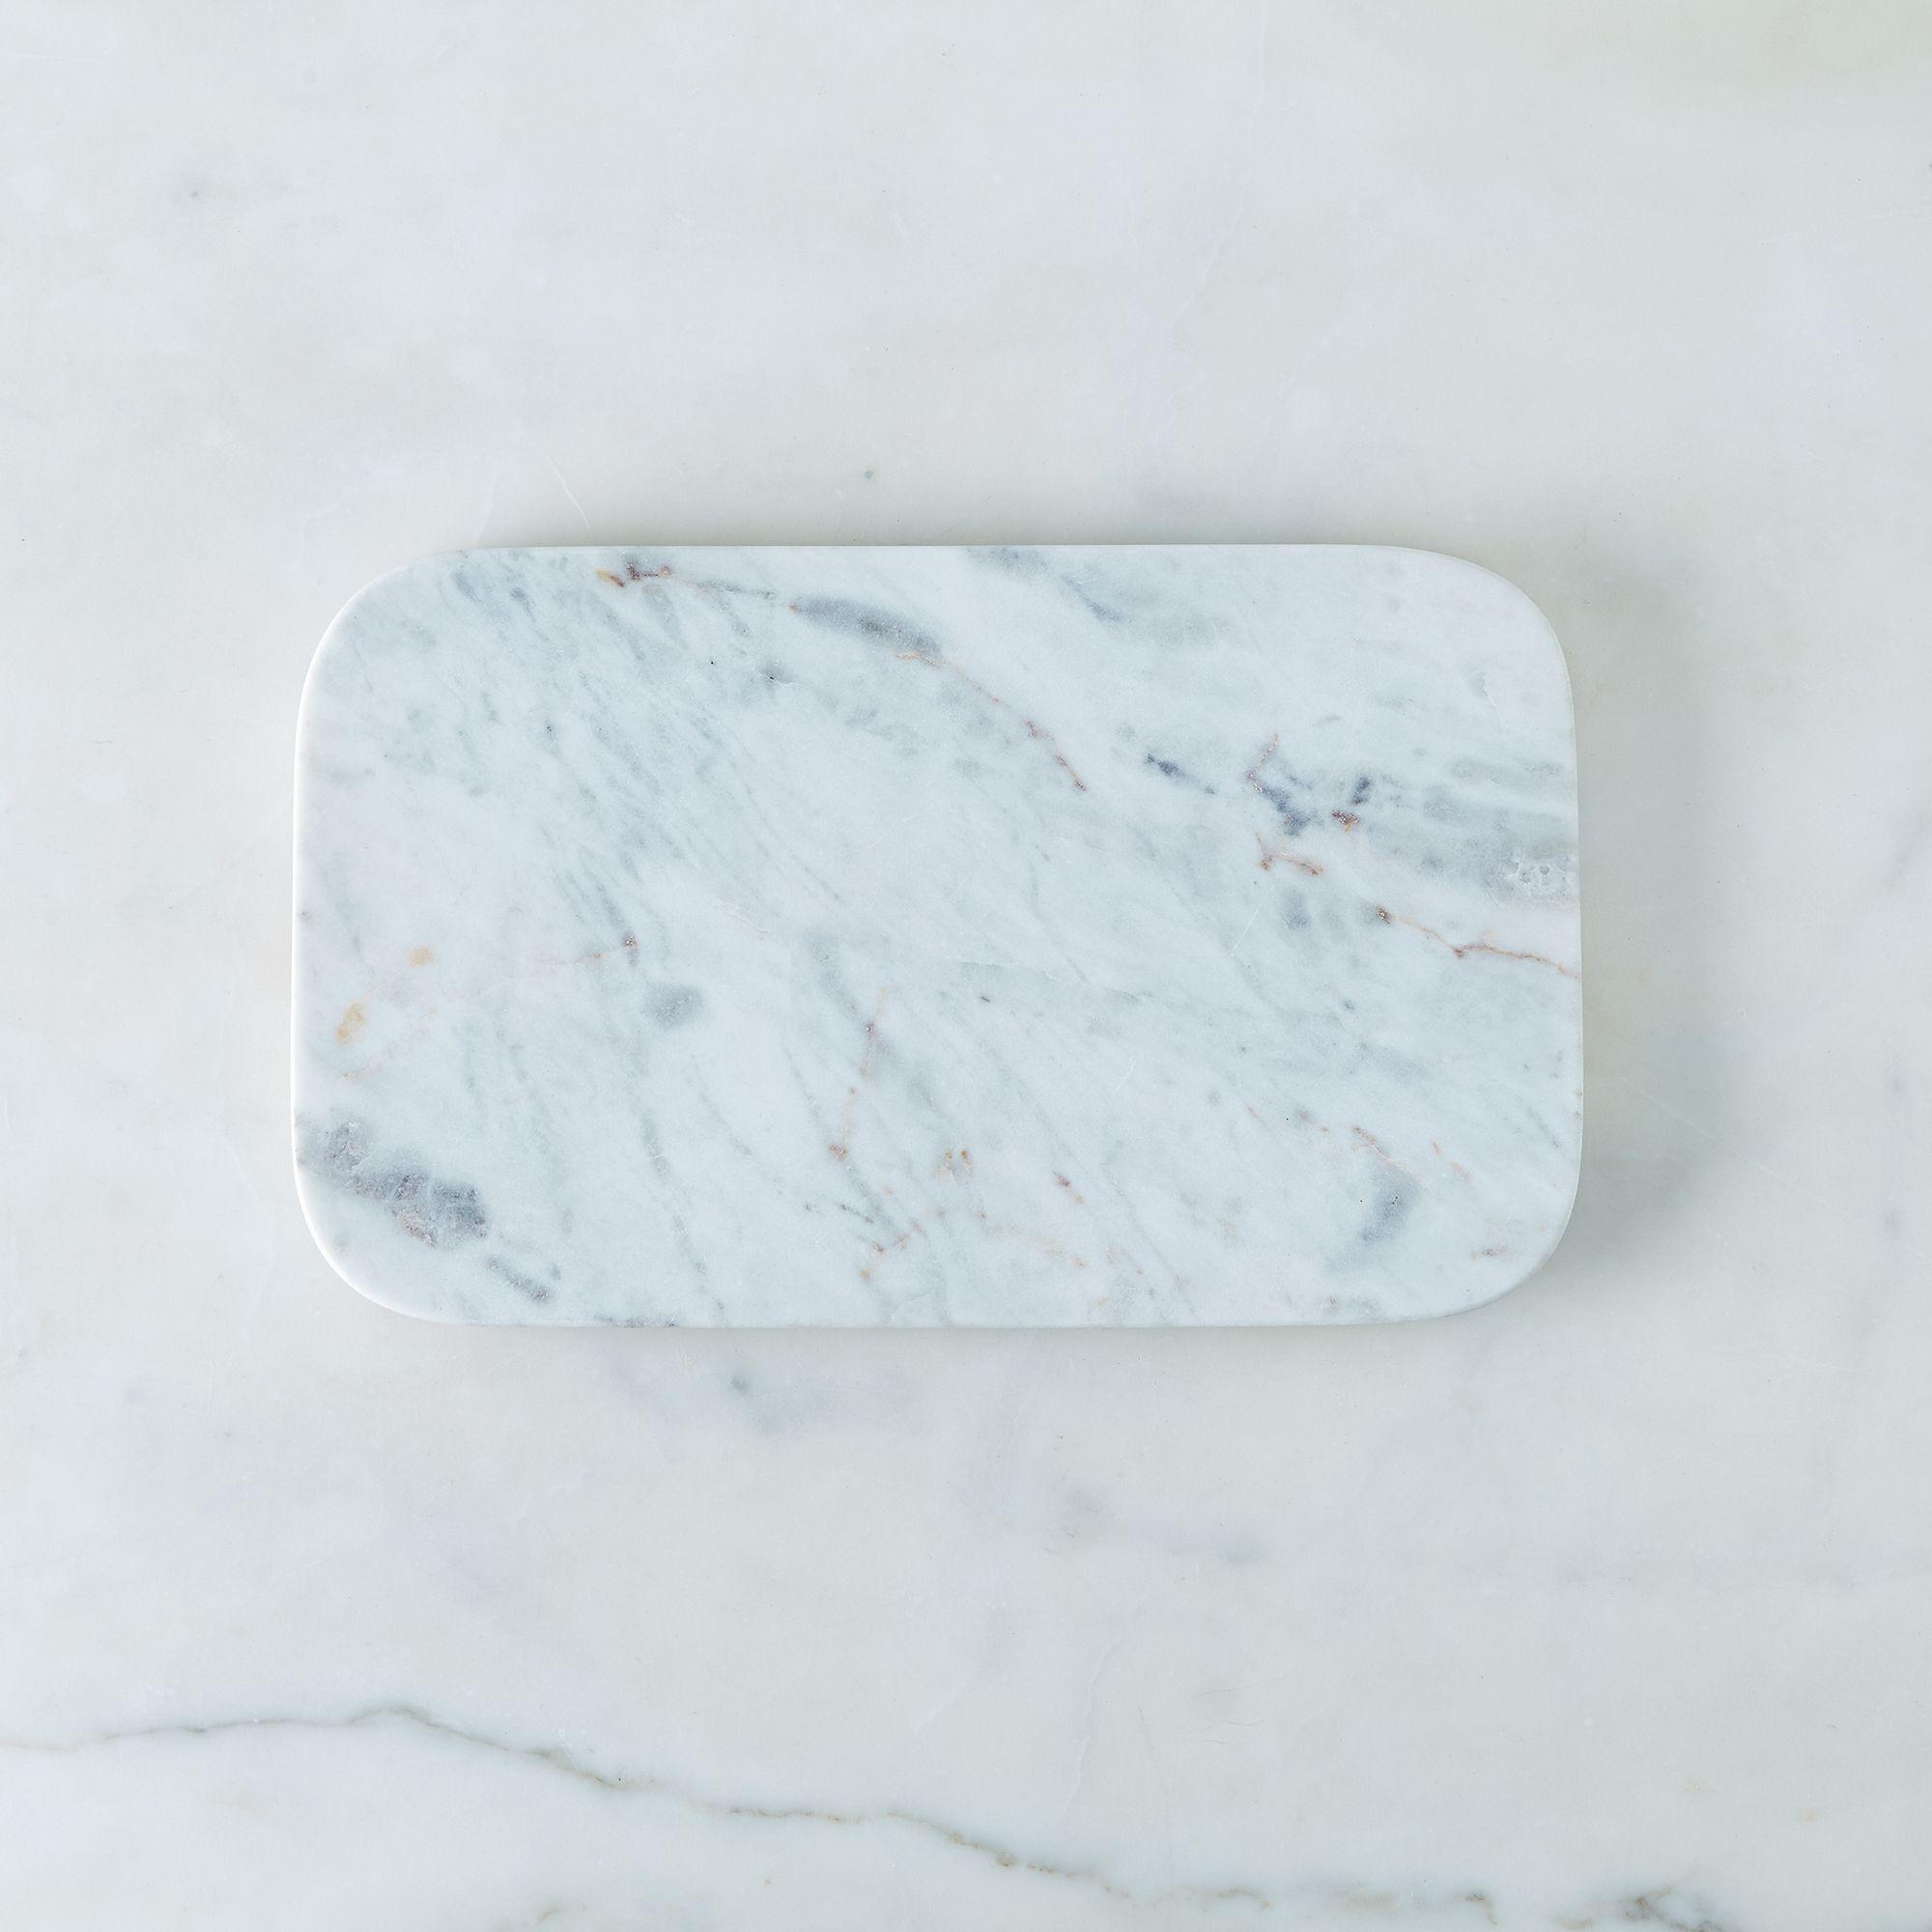 3ad8dc53 62e4 474b aa9c cbe61d8439ee  2015 1104 hawkins ny marble and copper serving board mara line small silo rocky luten 001